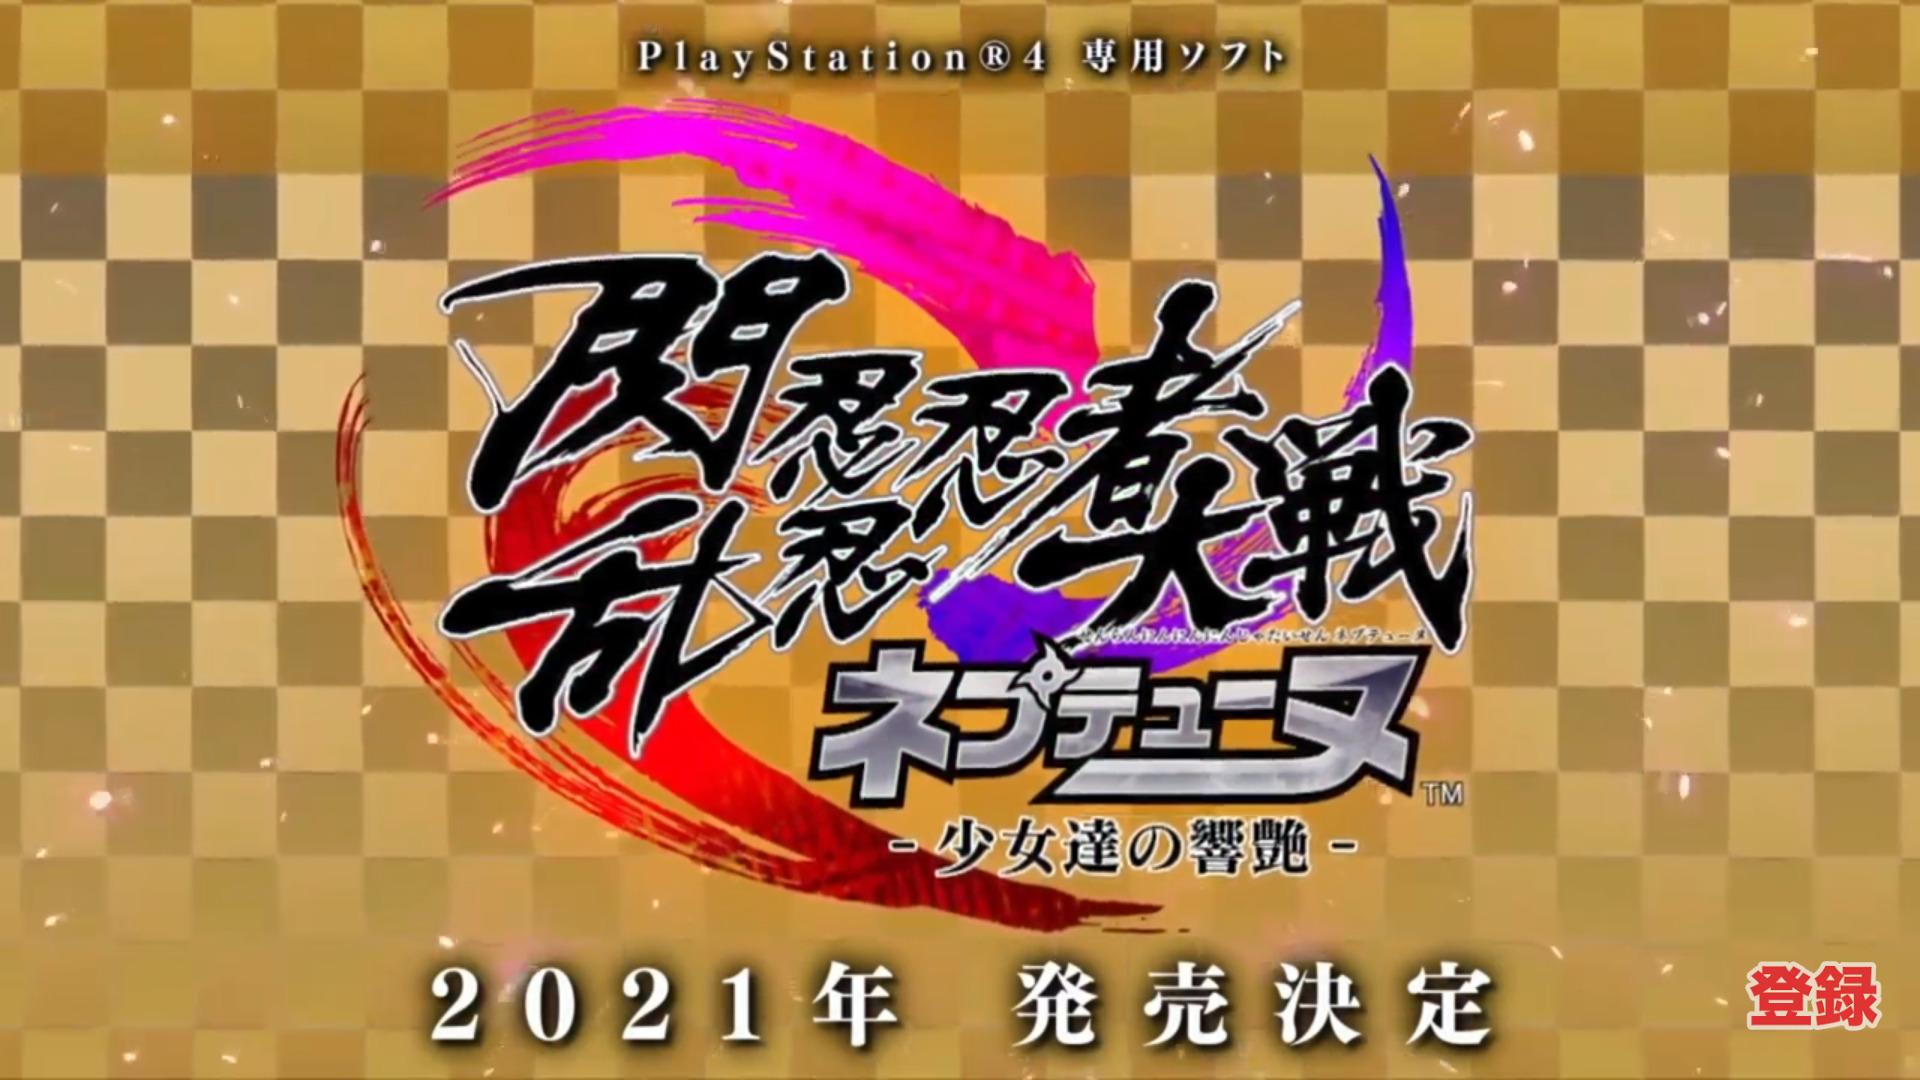 『閃乱カグラ』と『ネプテューヌ』のコラボタイトルが発売決定!